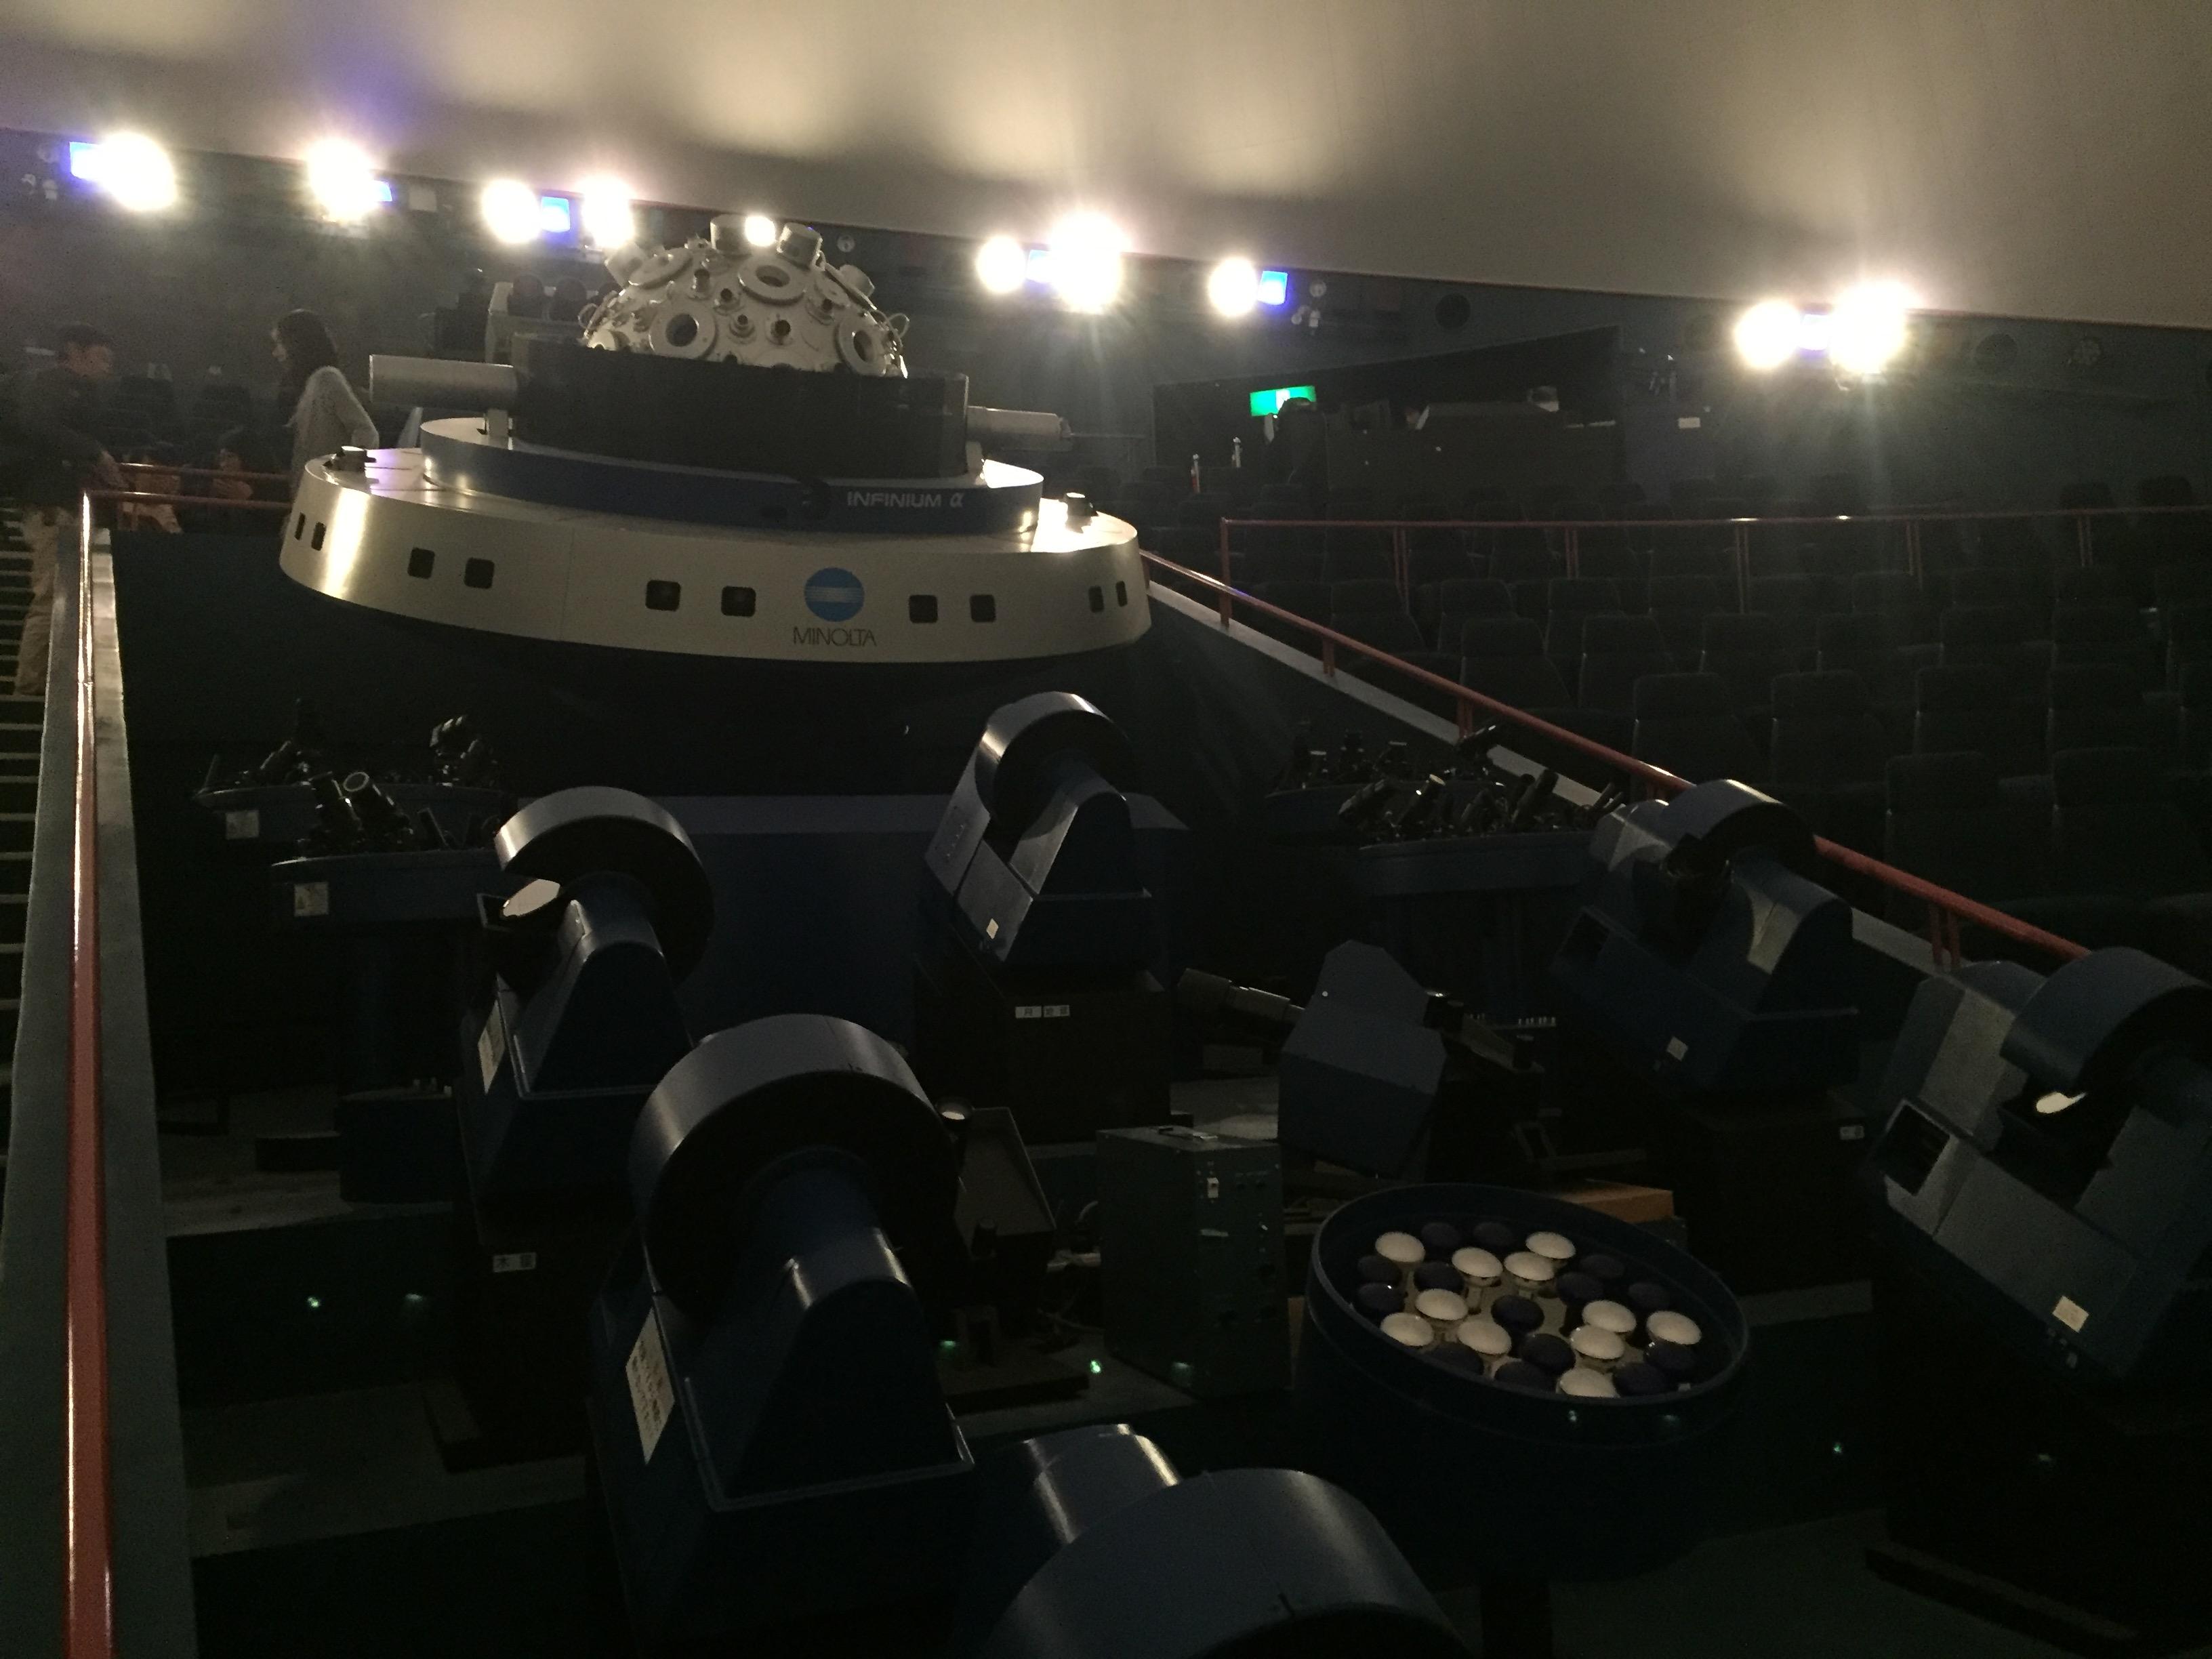 プラネタリュウム投影機